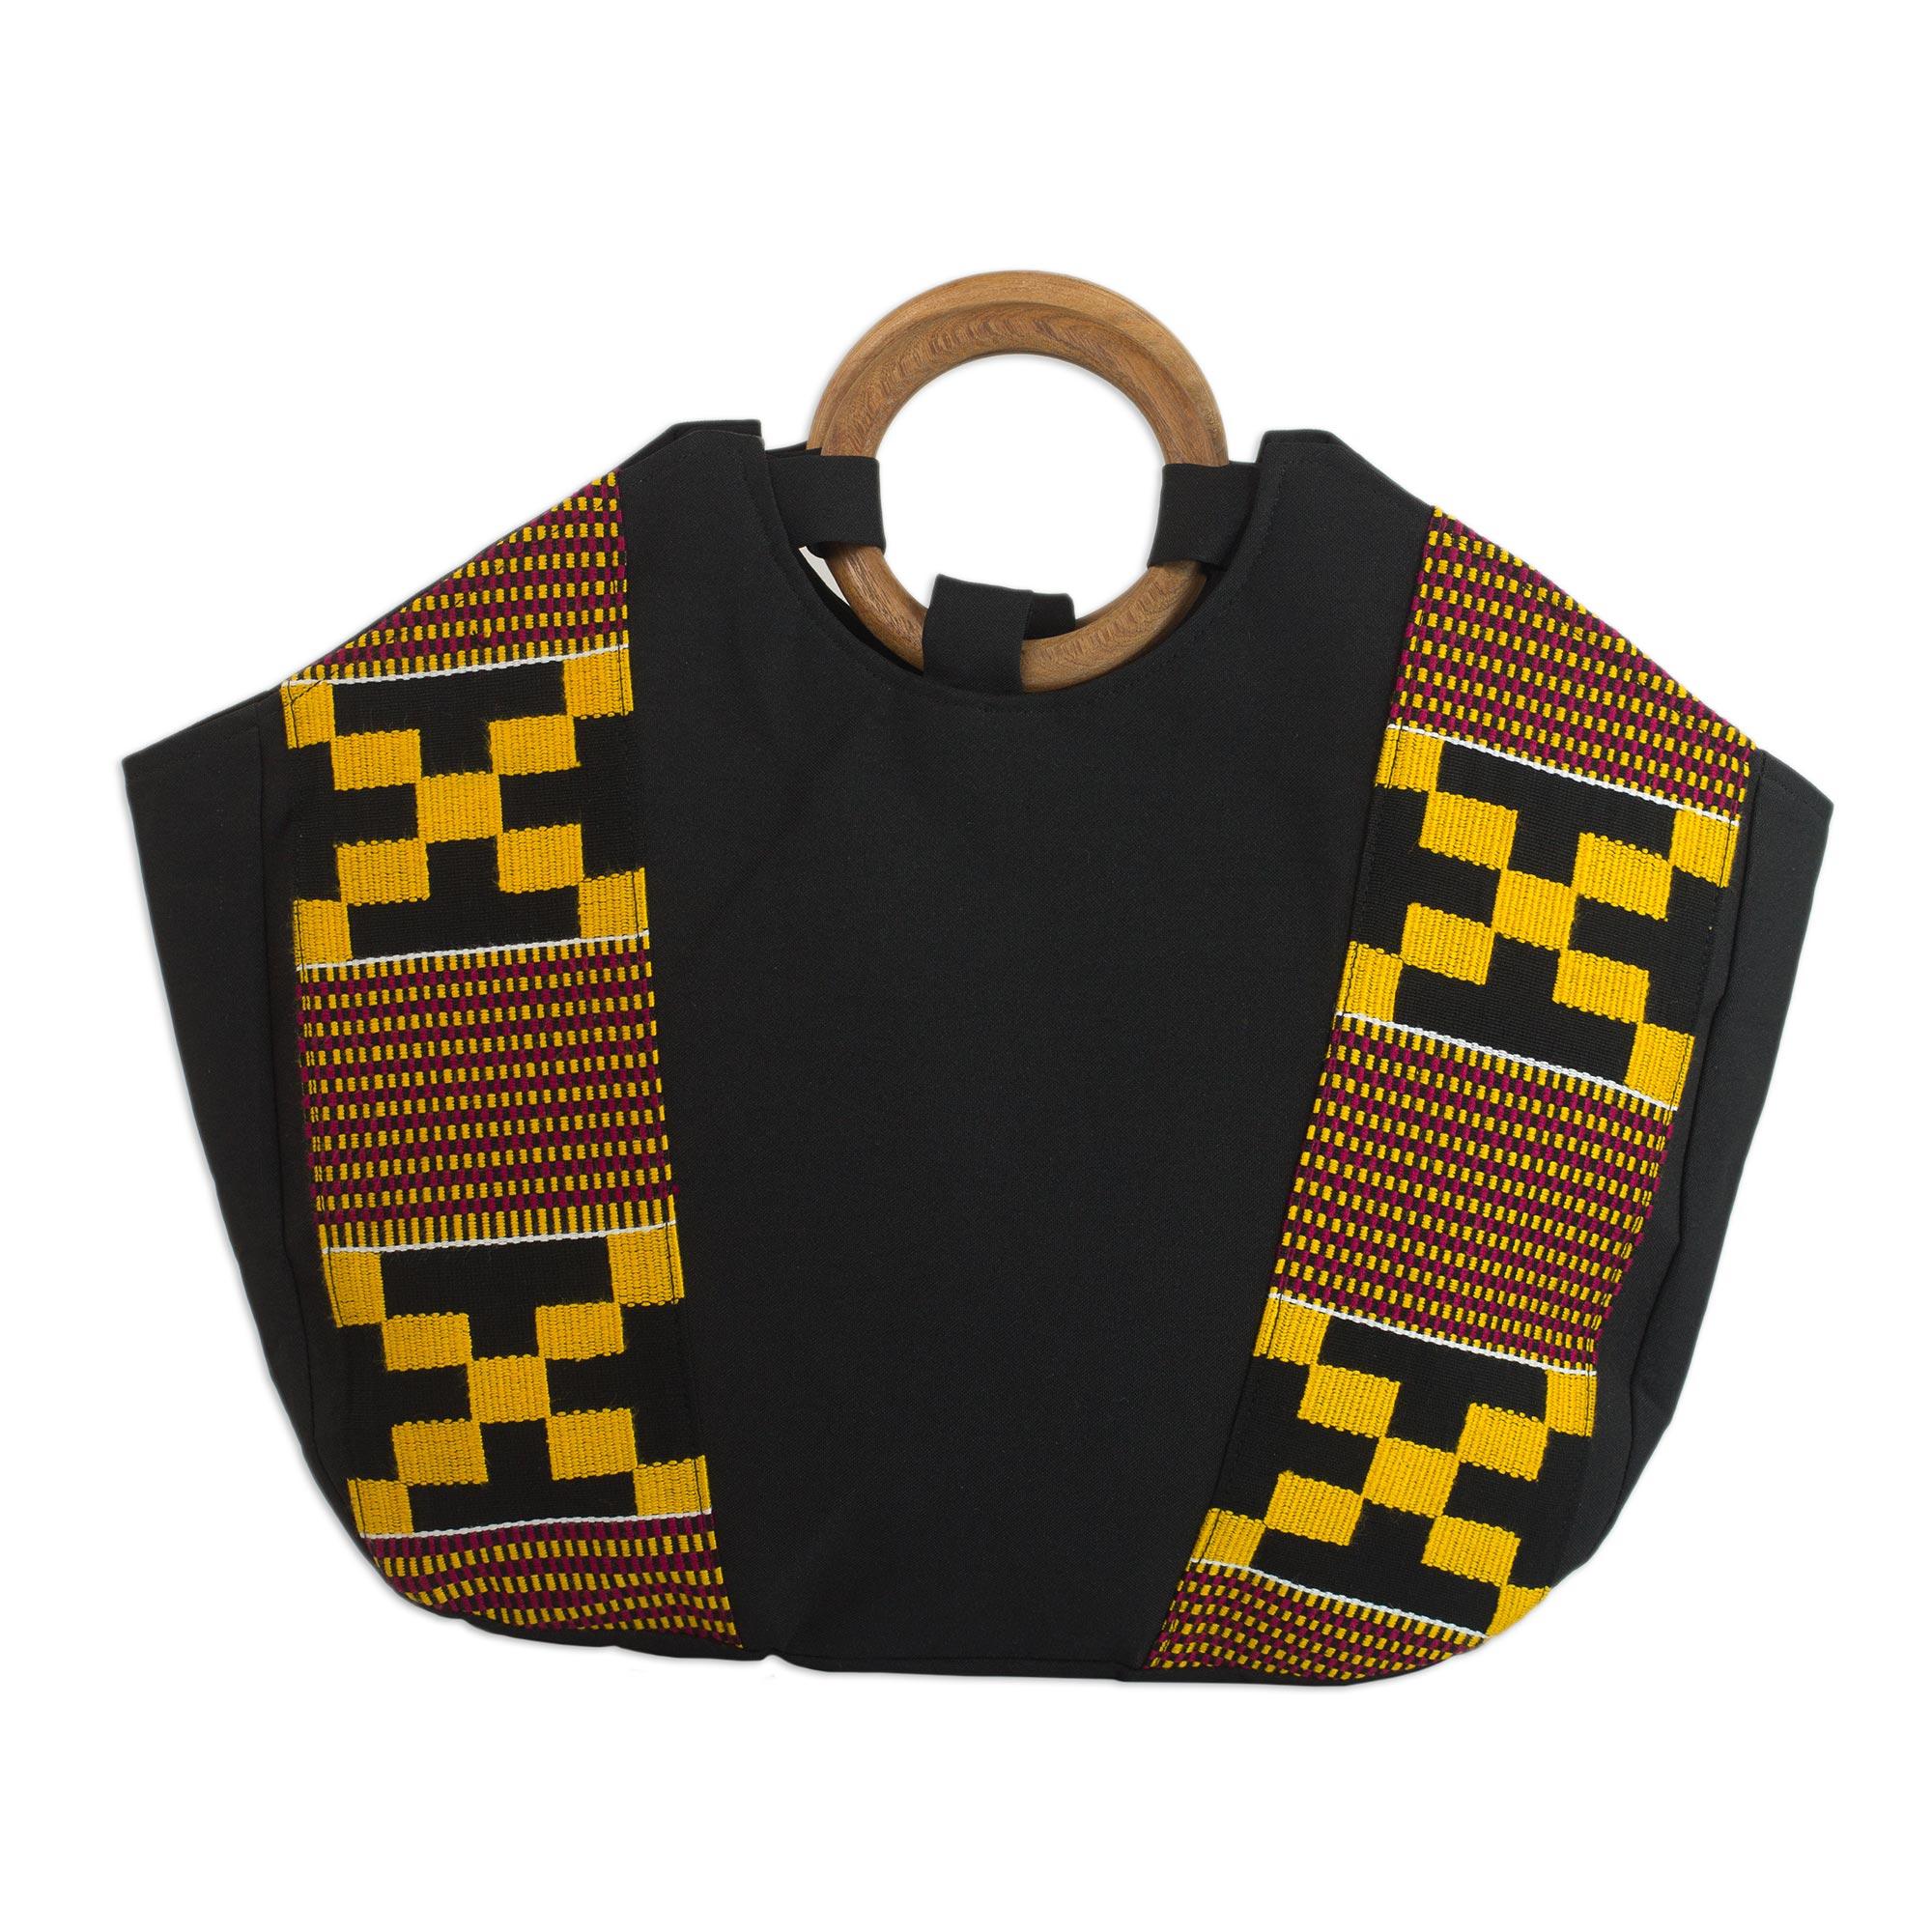 Novica Kente cloth handle handbag, Festive Kente Spirit